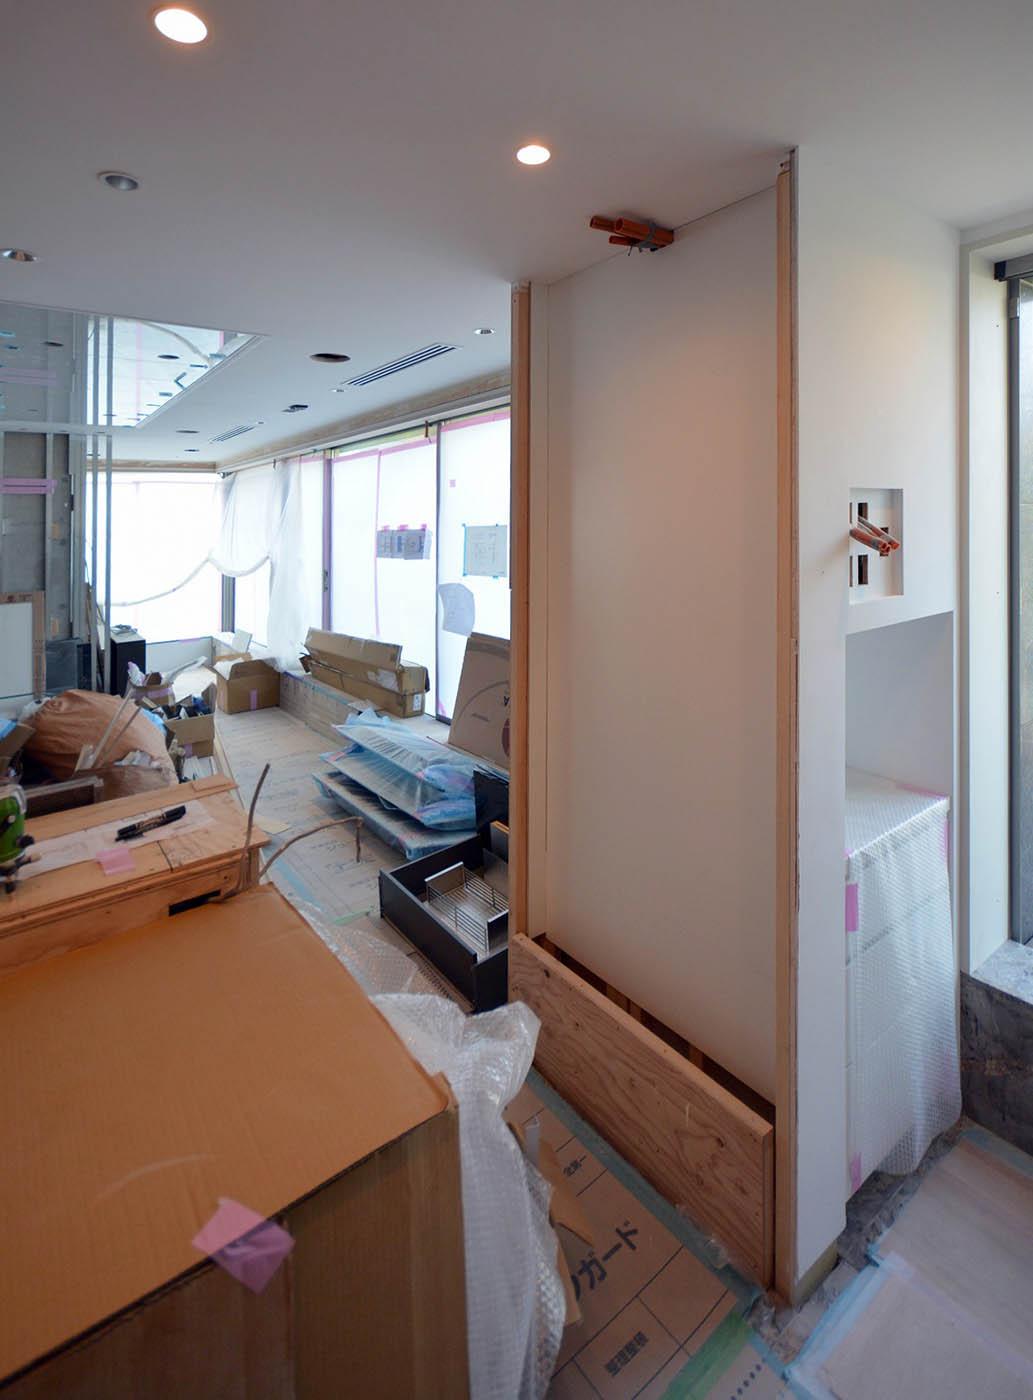 キッチン横のオニキス設置棚